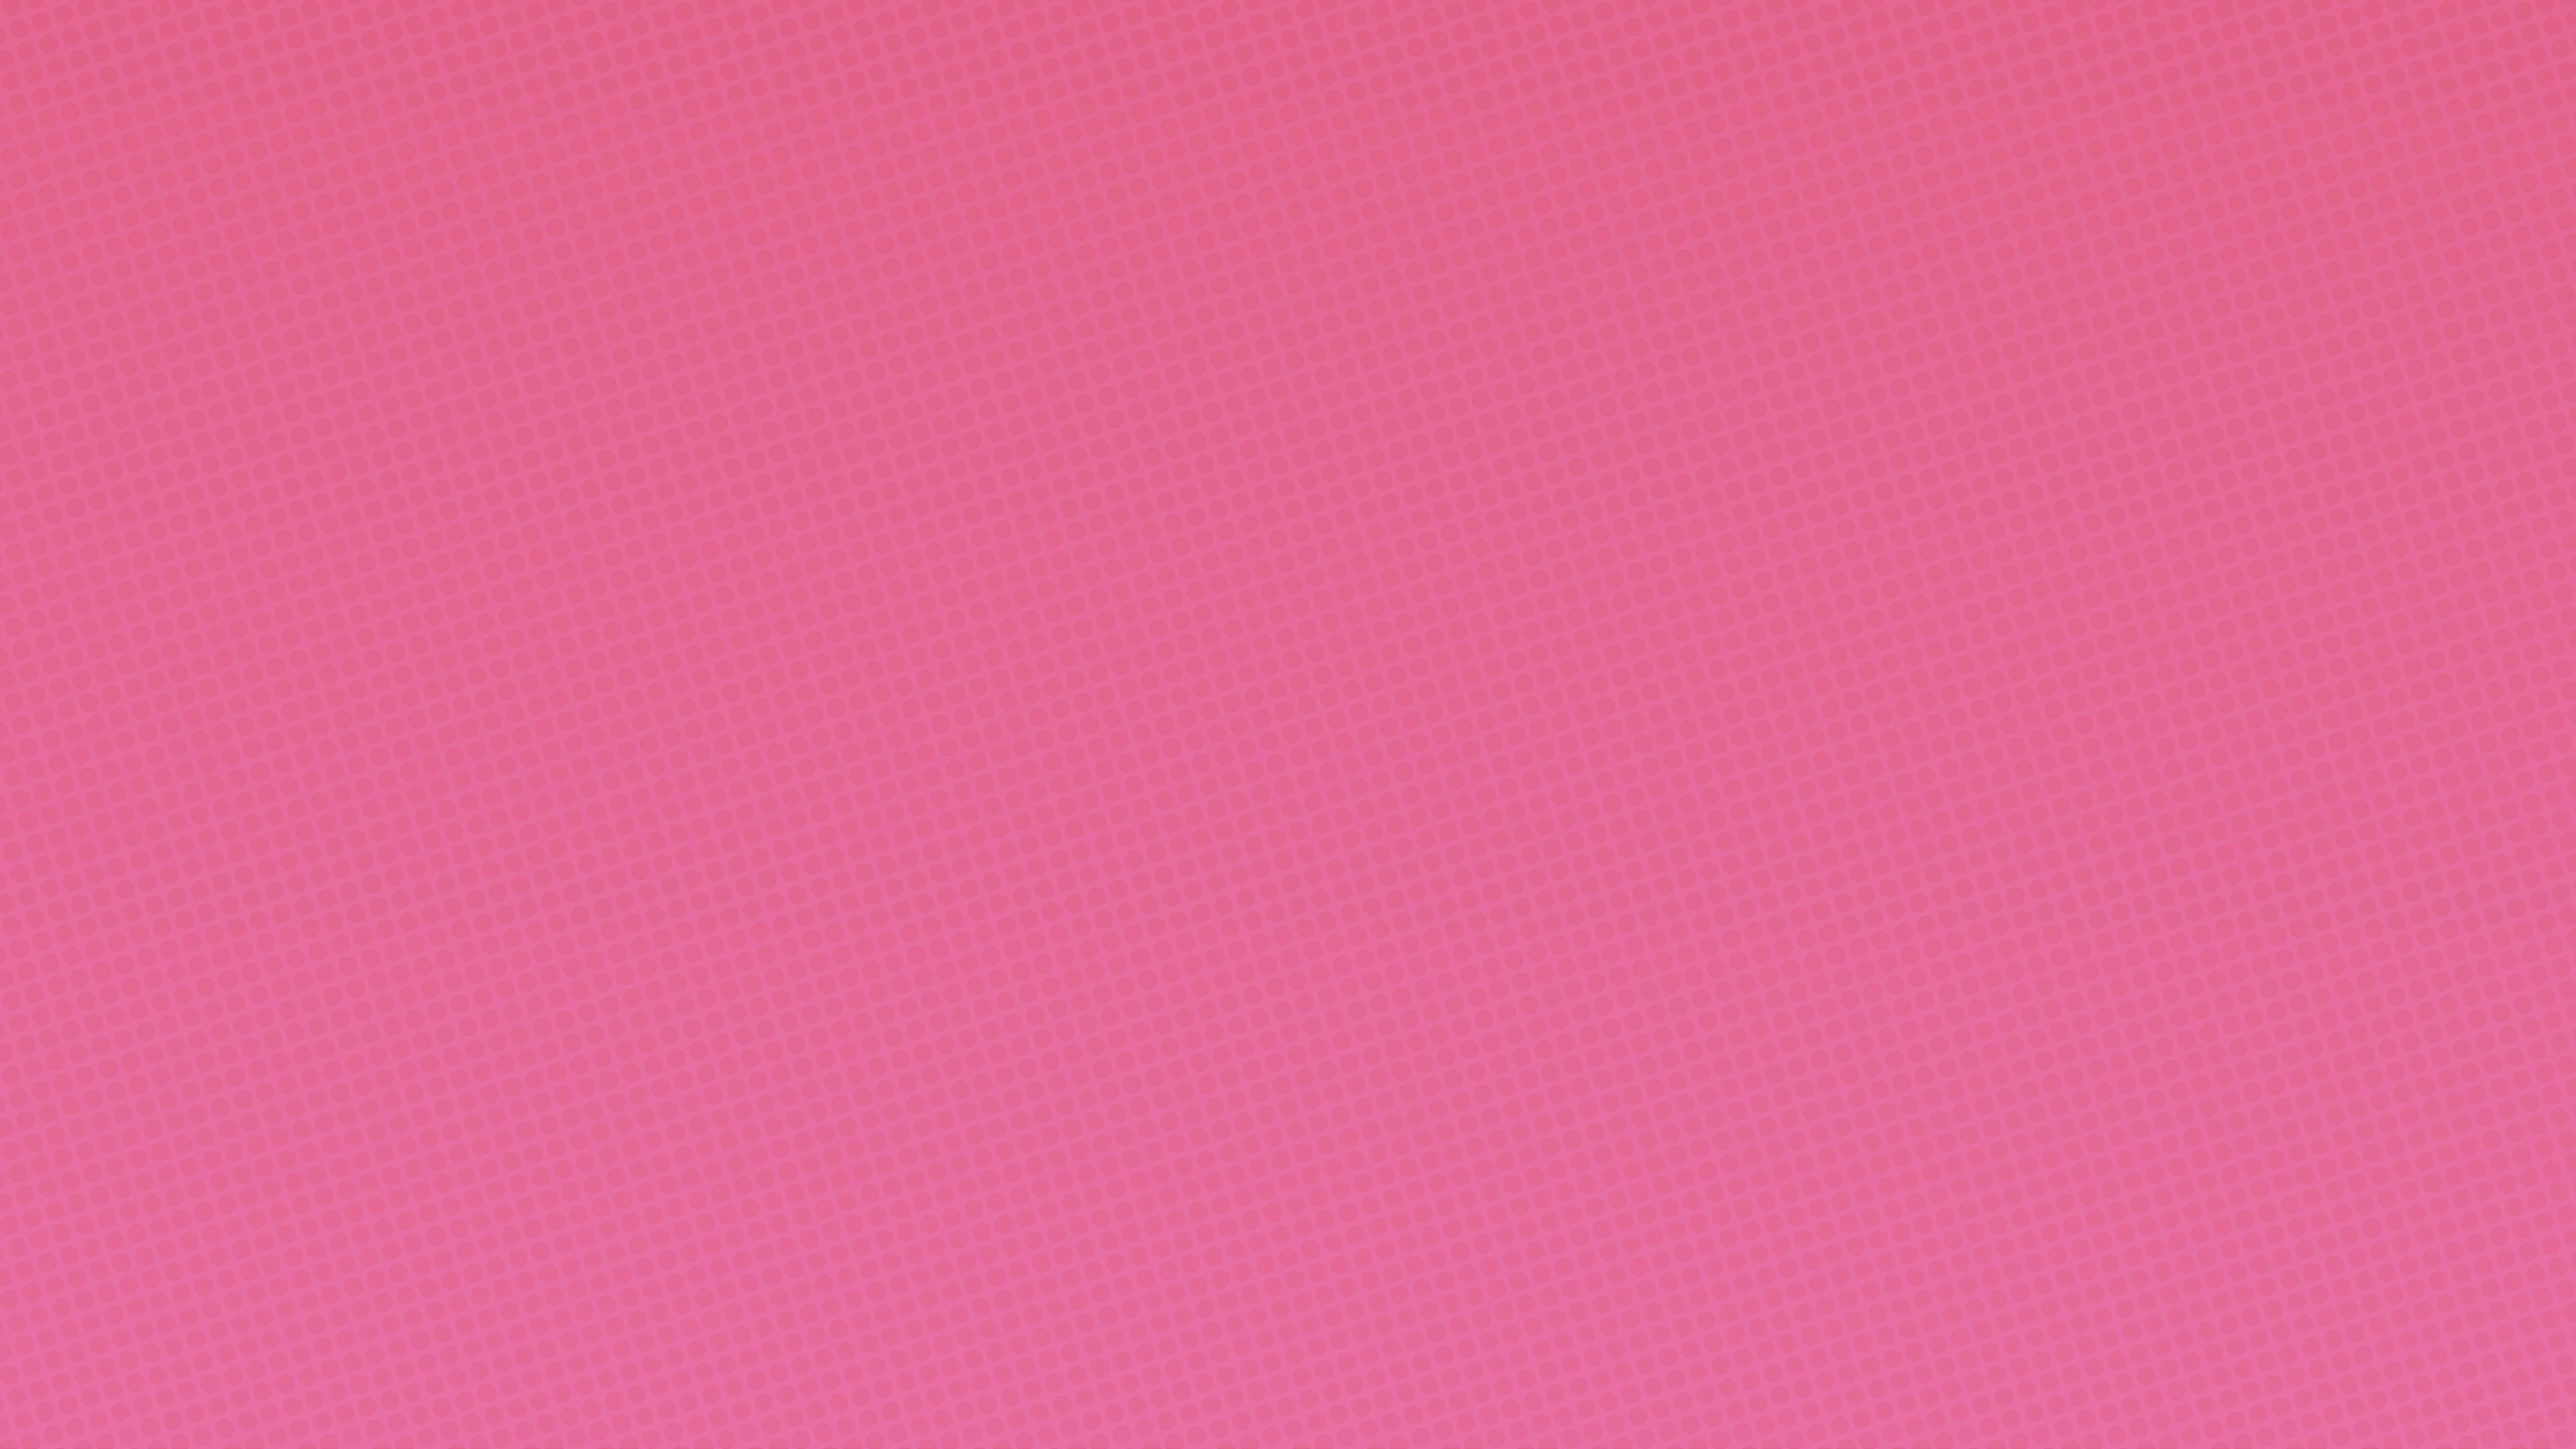 fond d u0026 39  u00e9cran   fond simple  rouge  violet  mod u00e8le  pente  cercle  polka dots  gradient doux